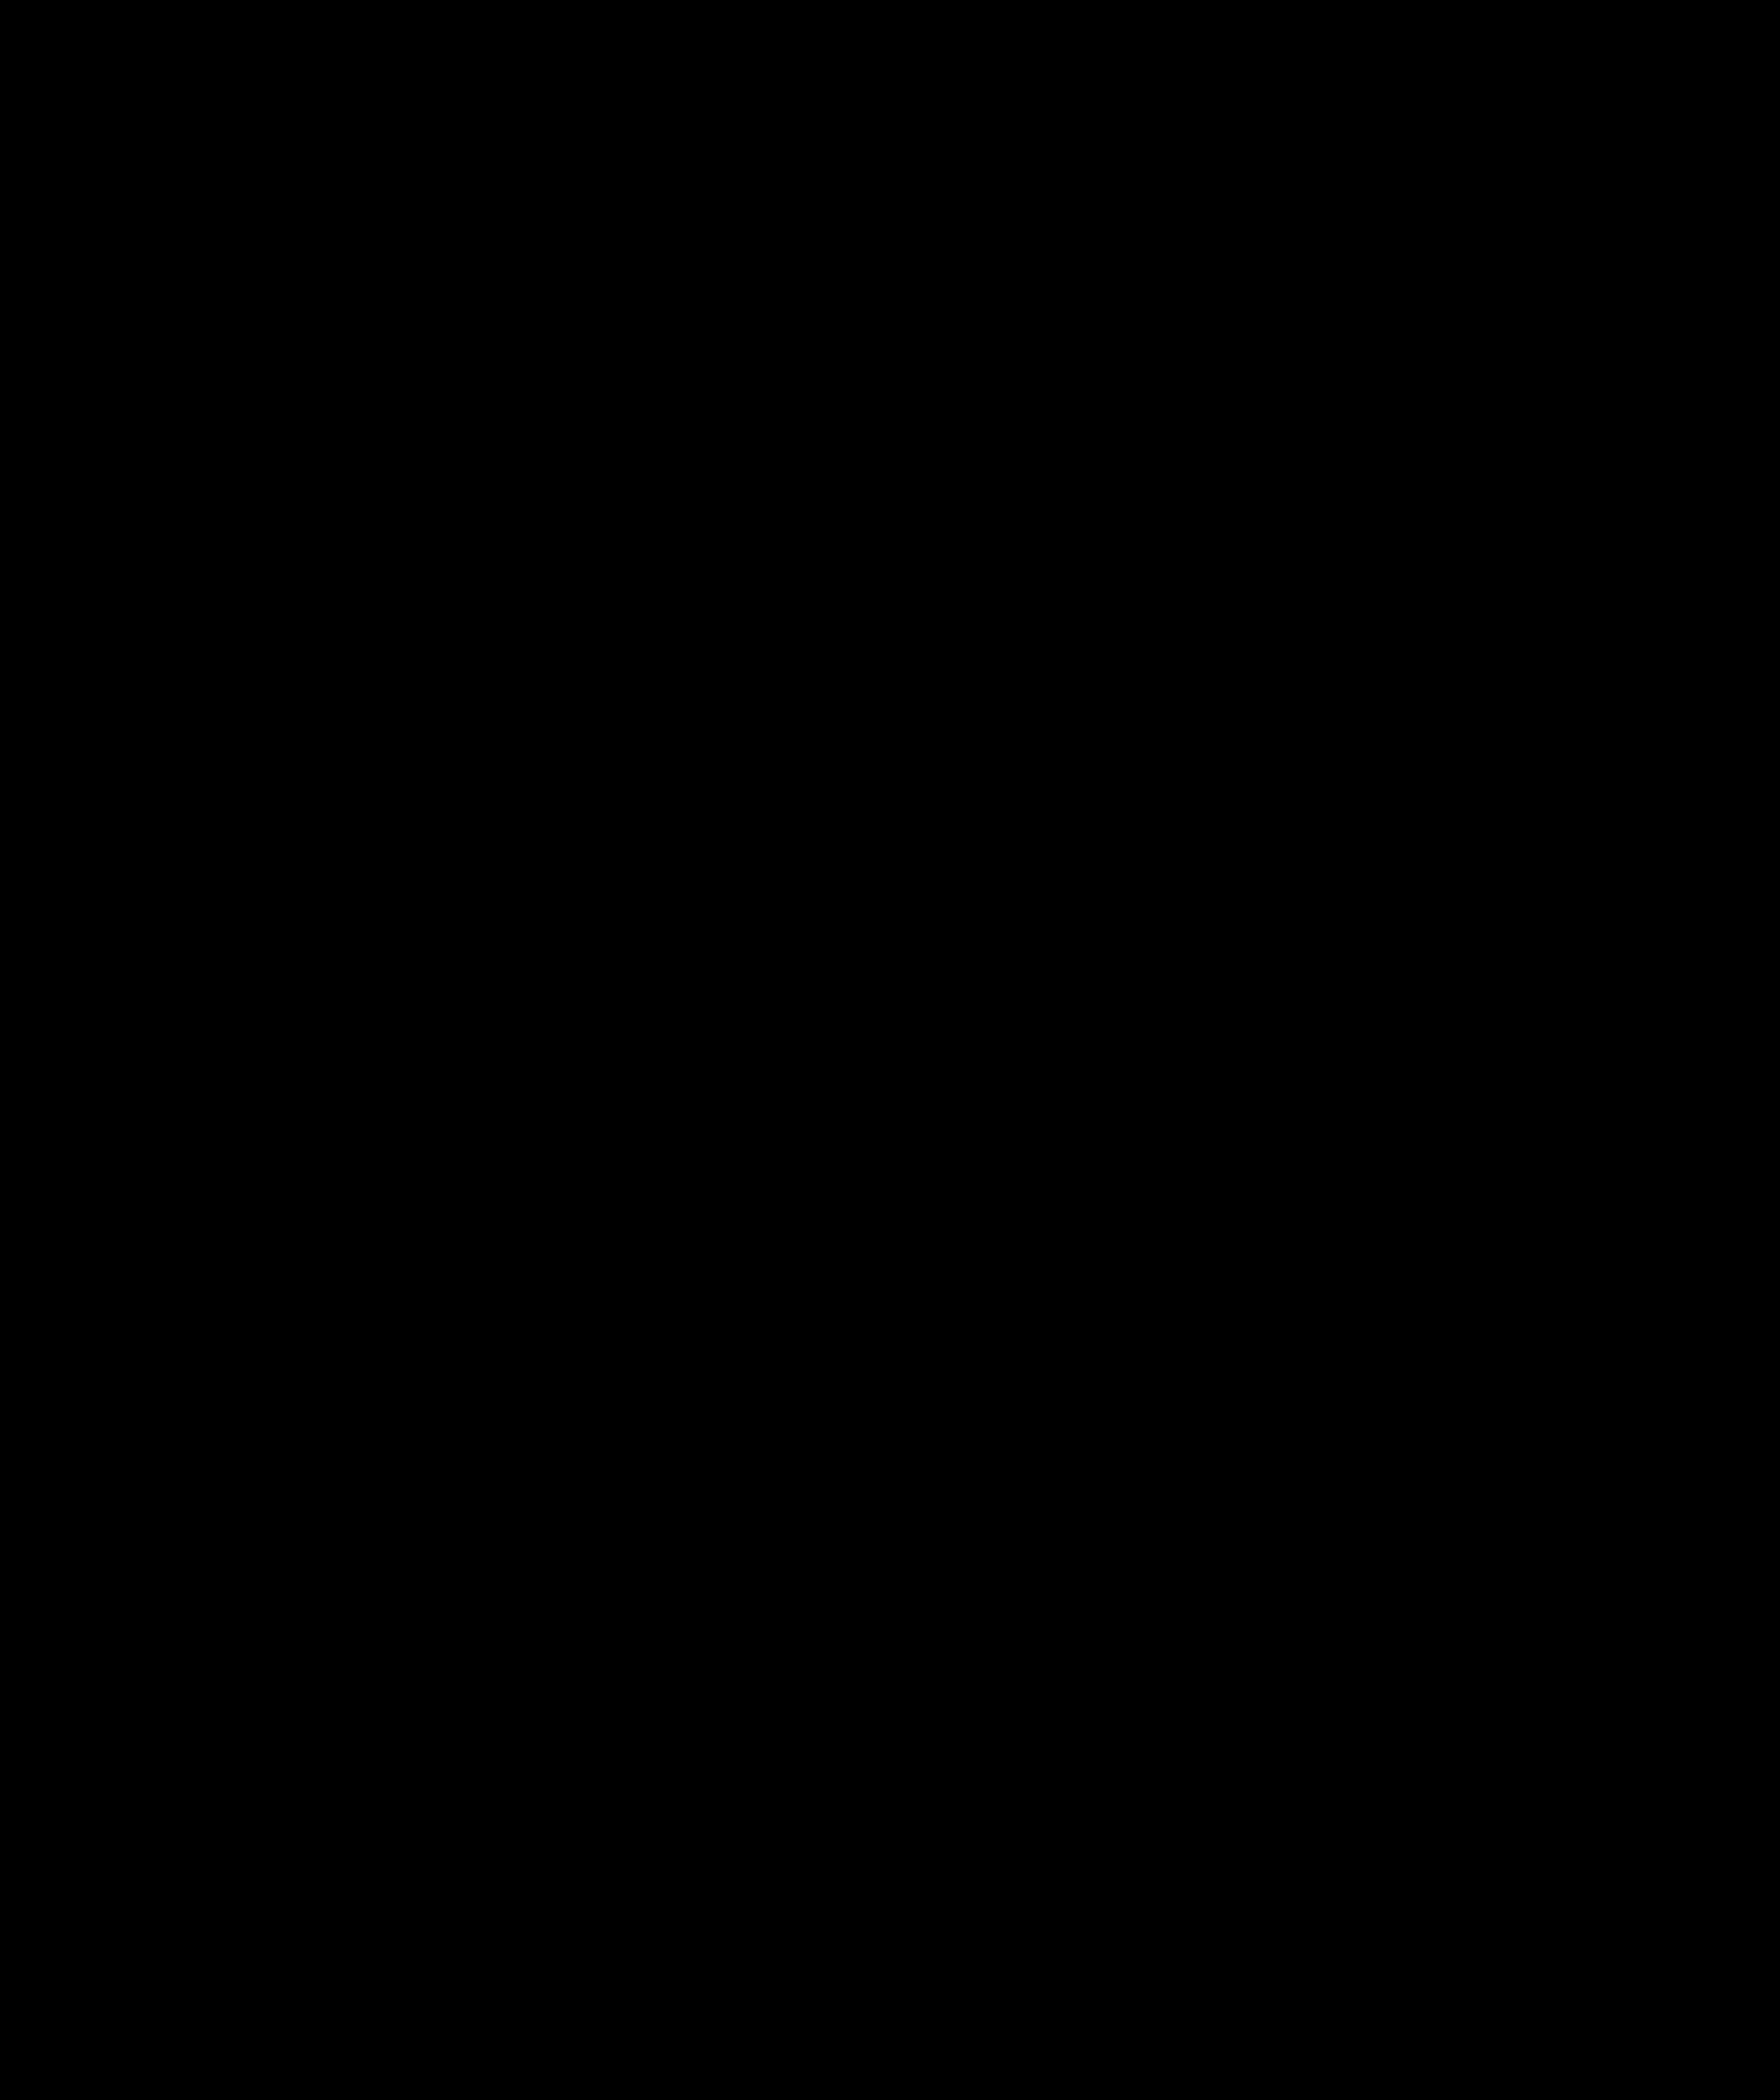 Nursing Symbol Clip Art